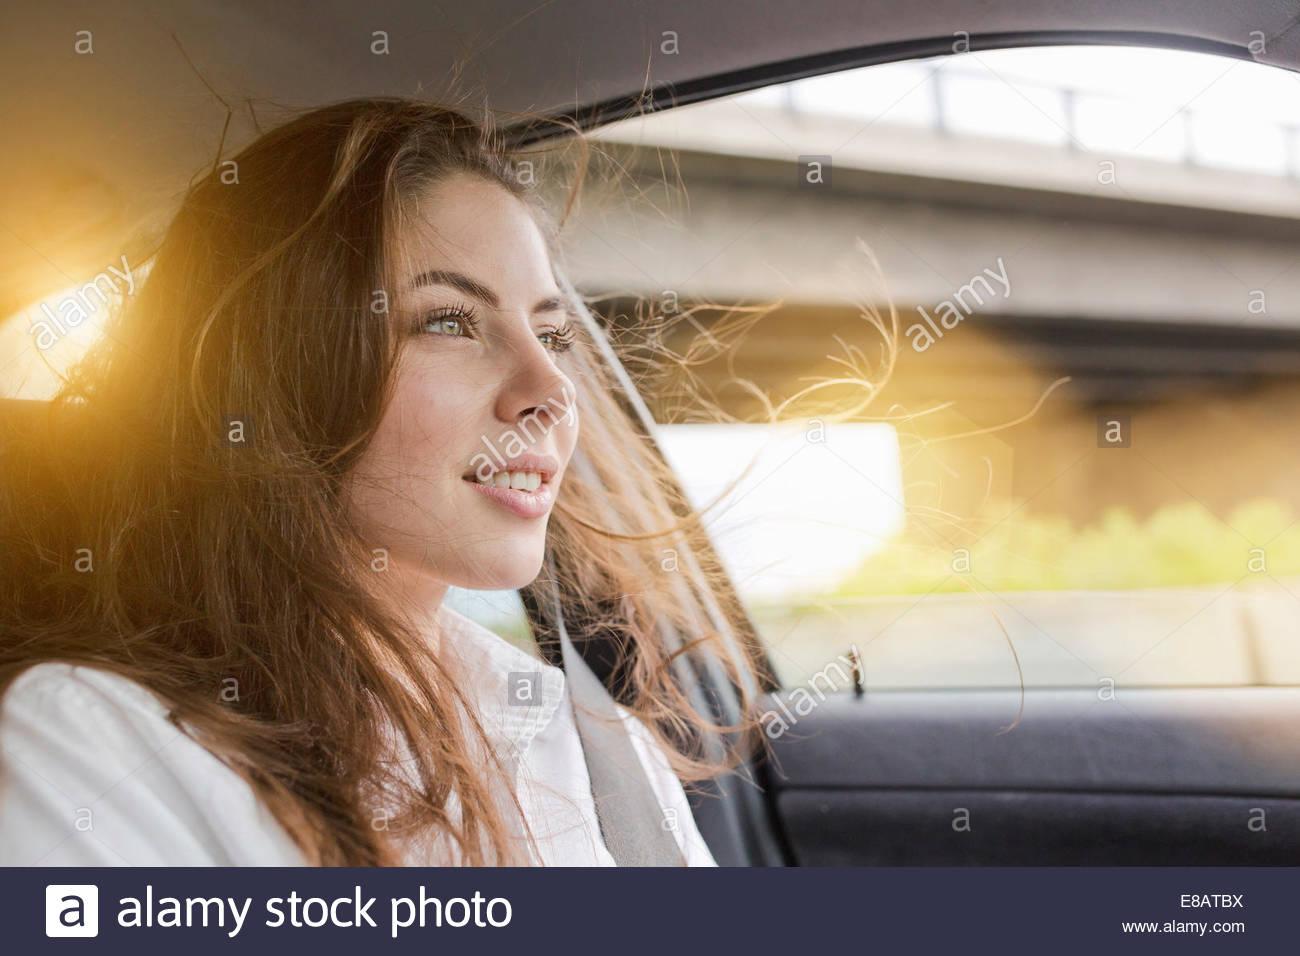 Junge Frau im Auto, Haare im Wind wehen Stockbild